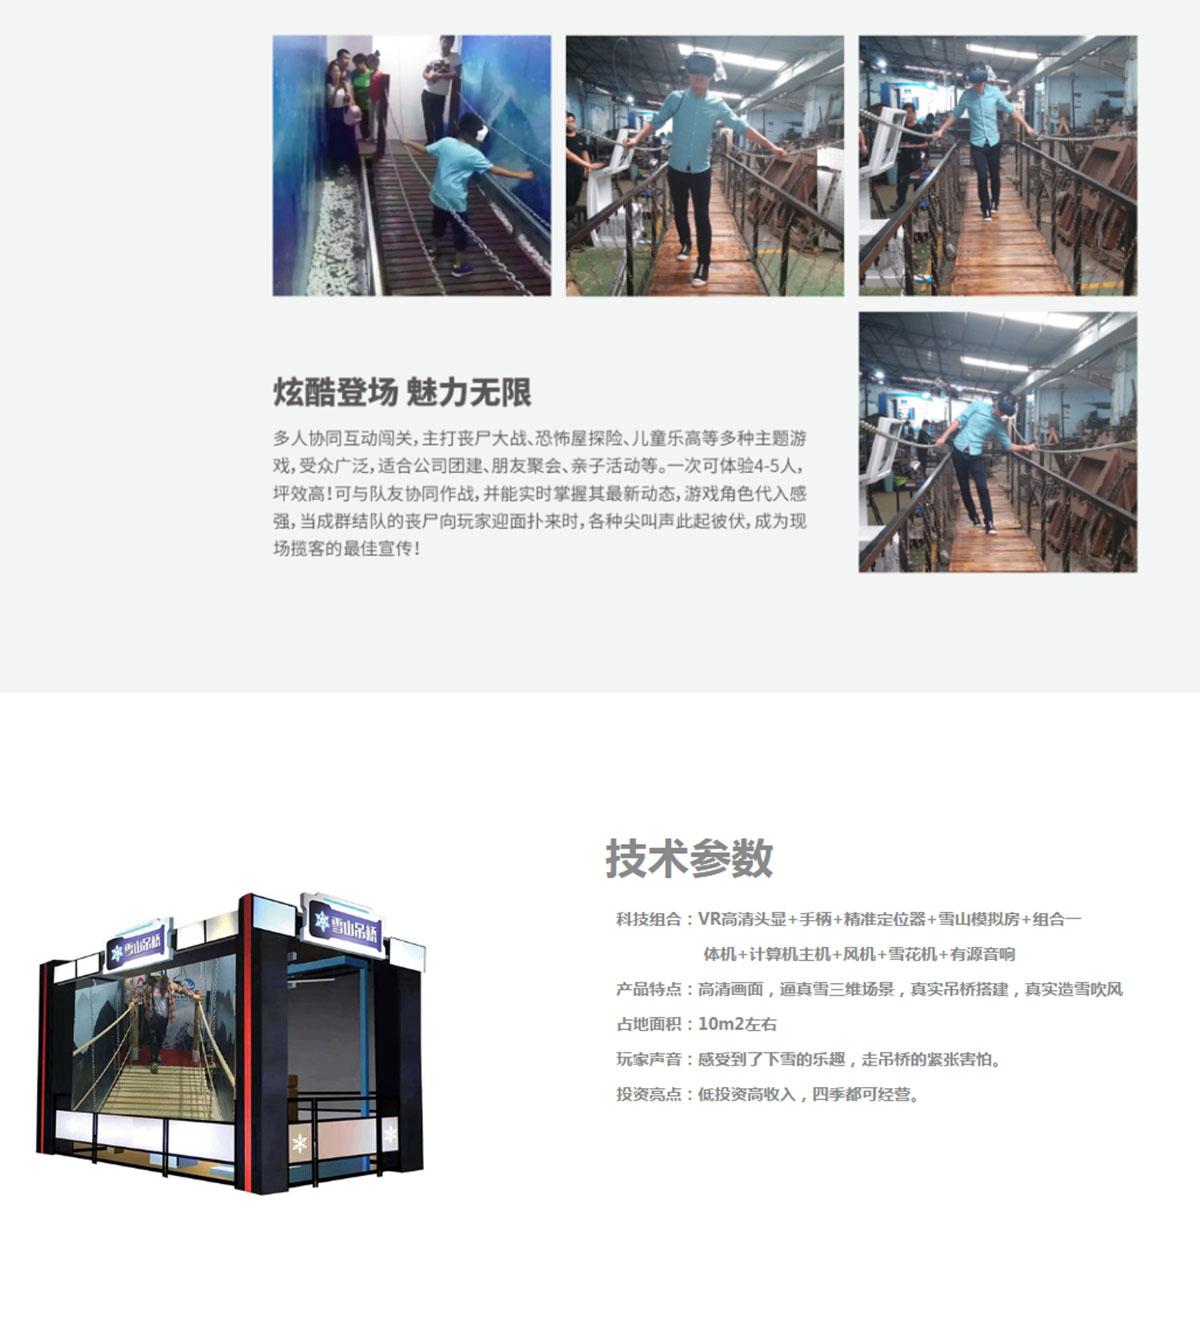 VR雪山吊桥插图1